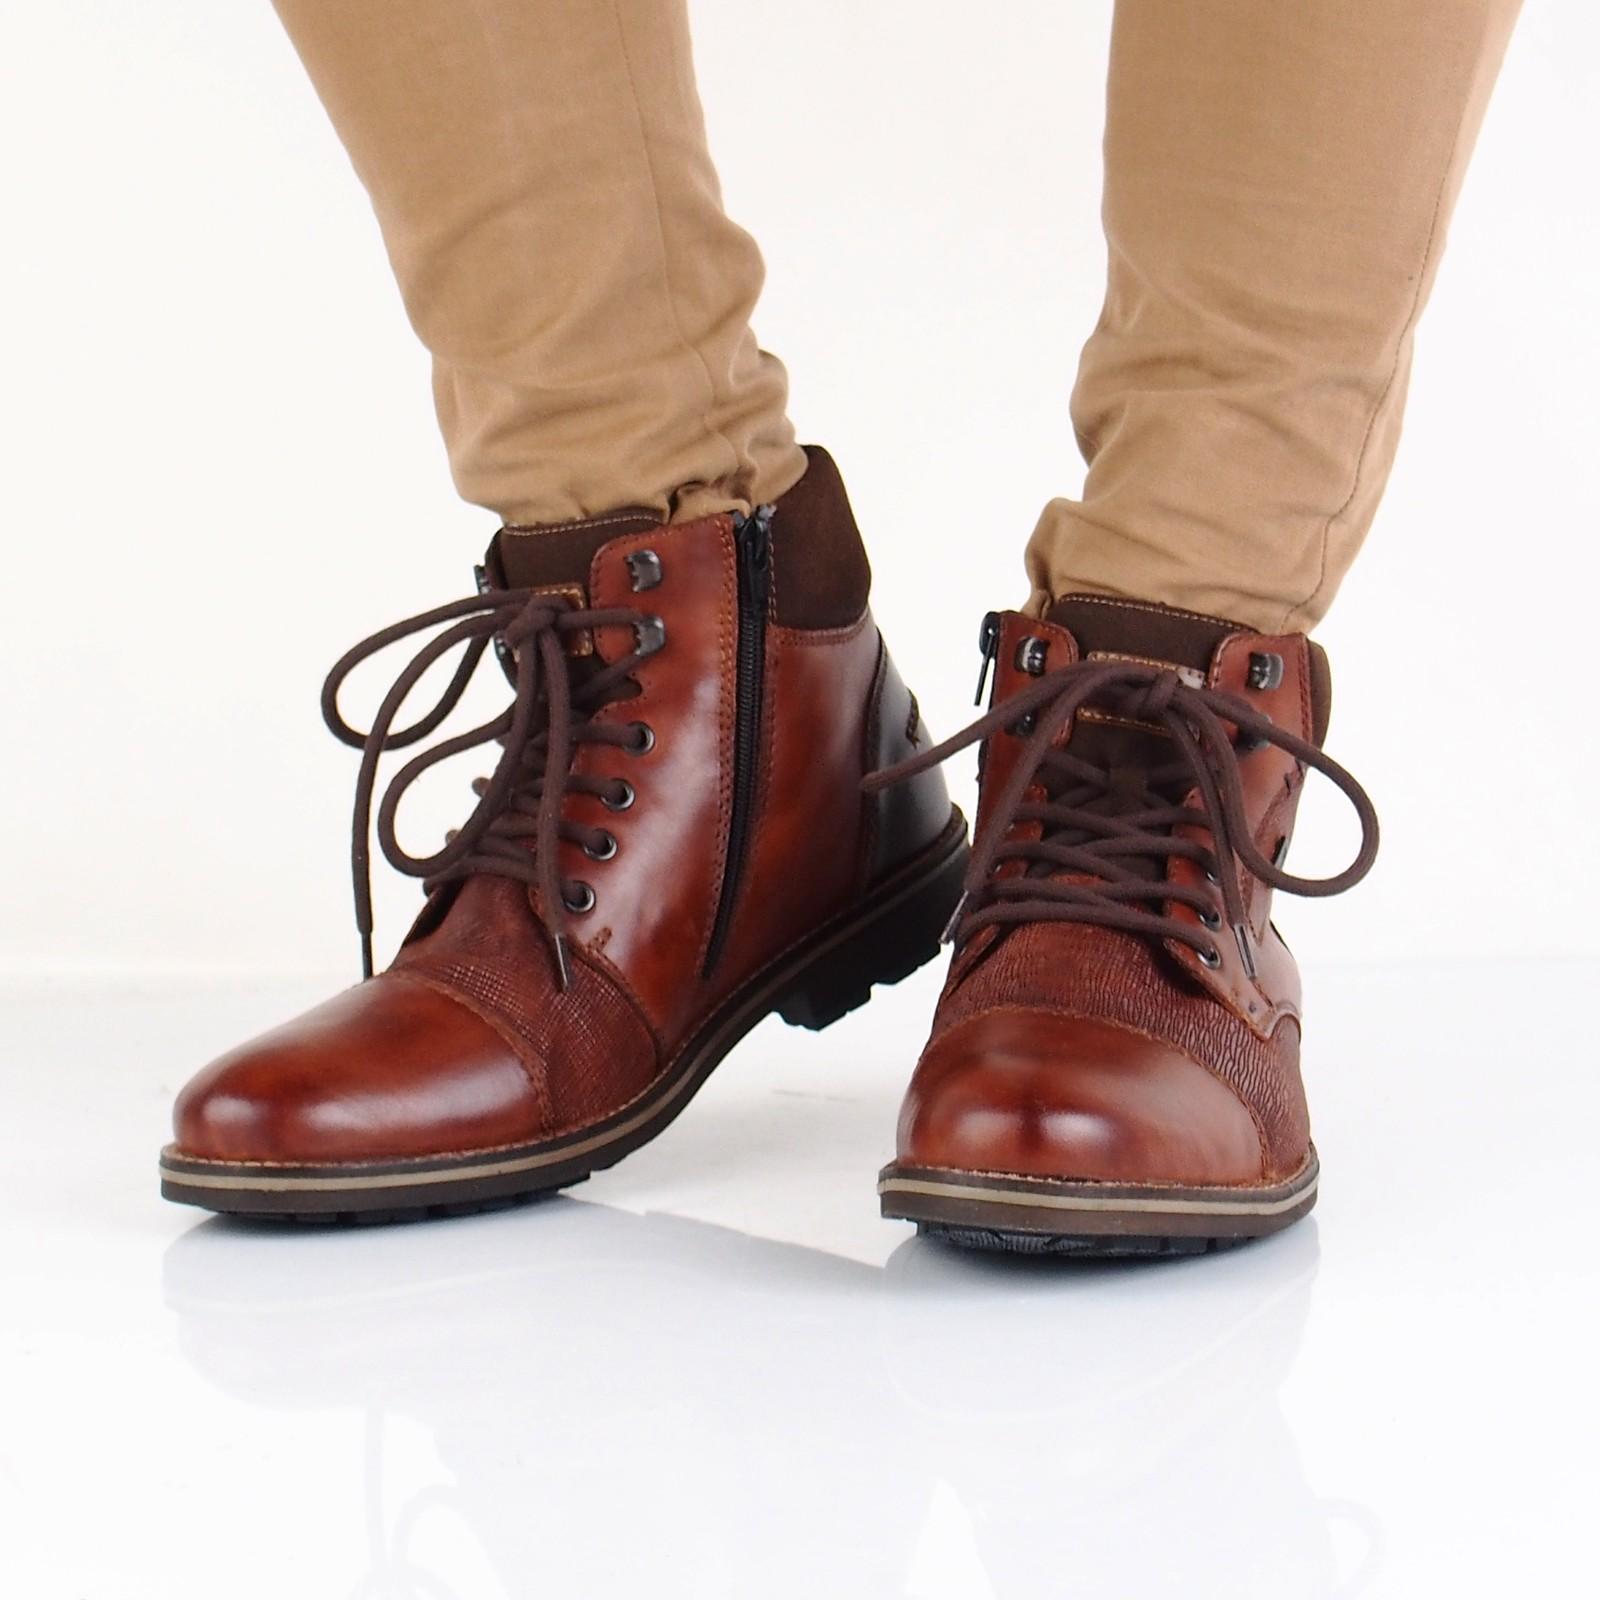 8e552bc536 Rieker pánska štýlová členková obuv na zips - hnedá ...